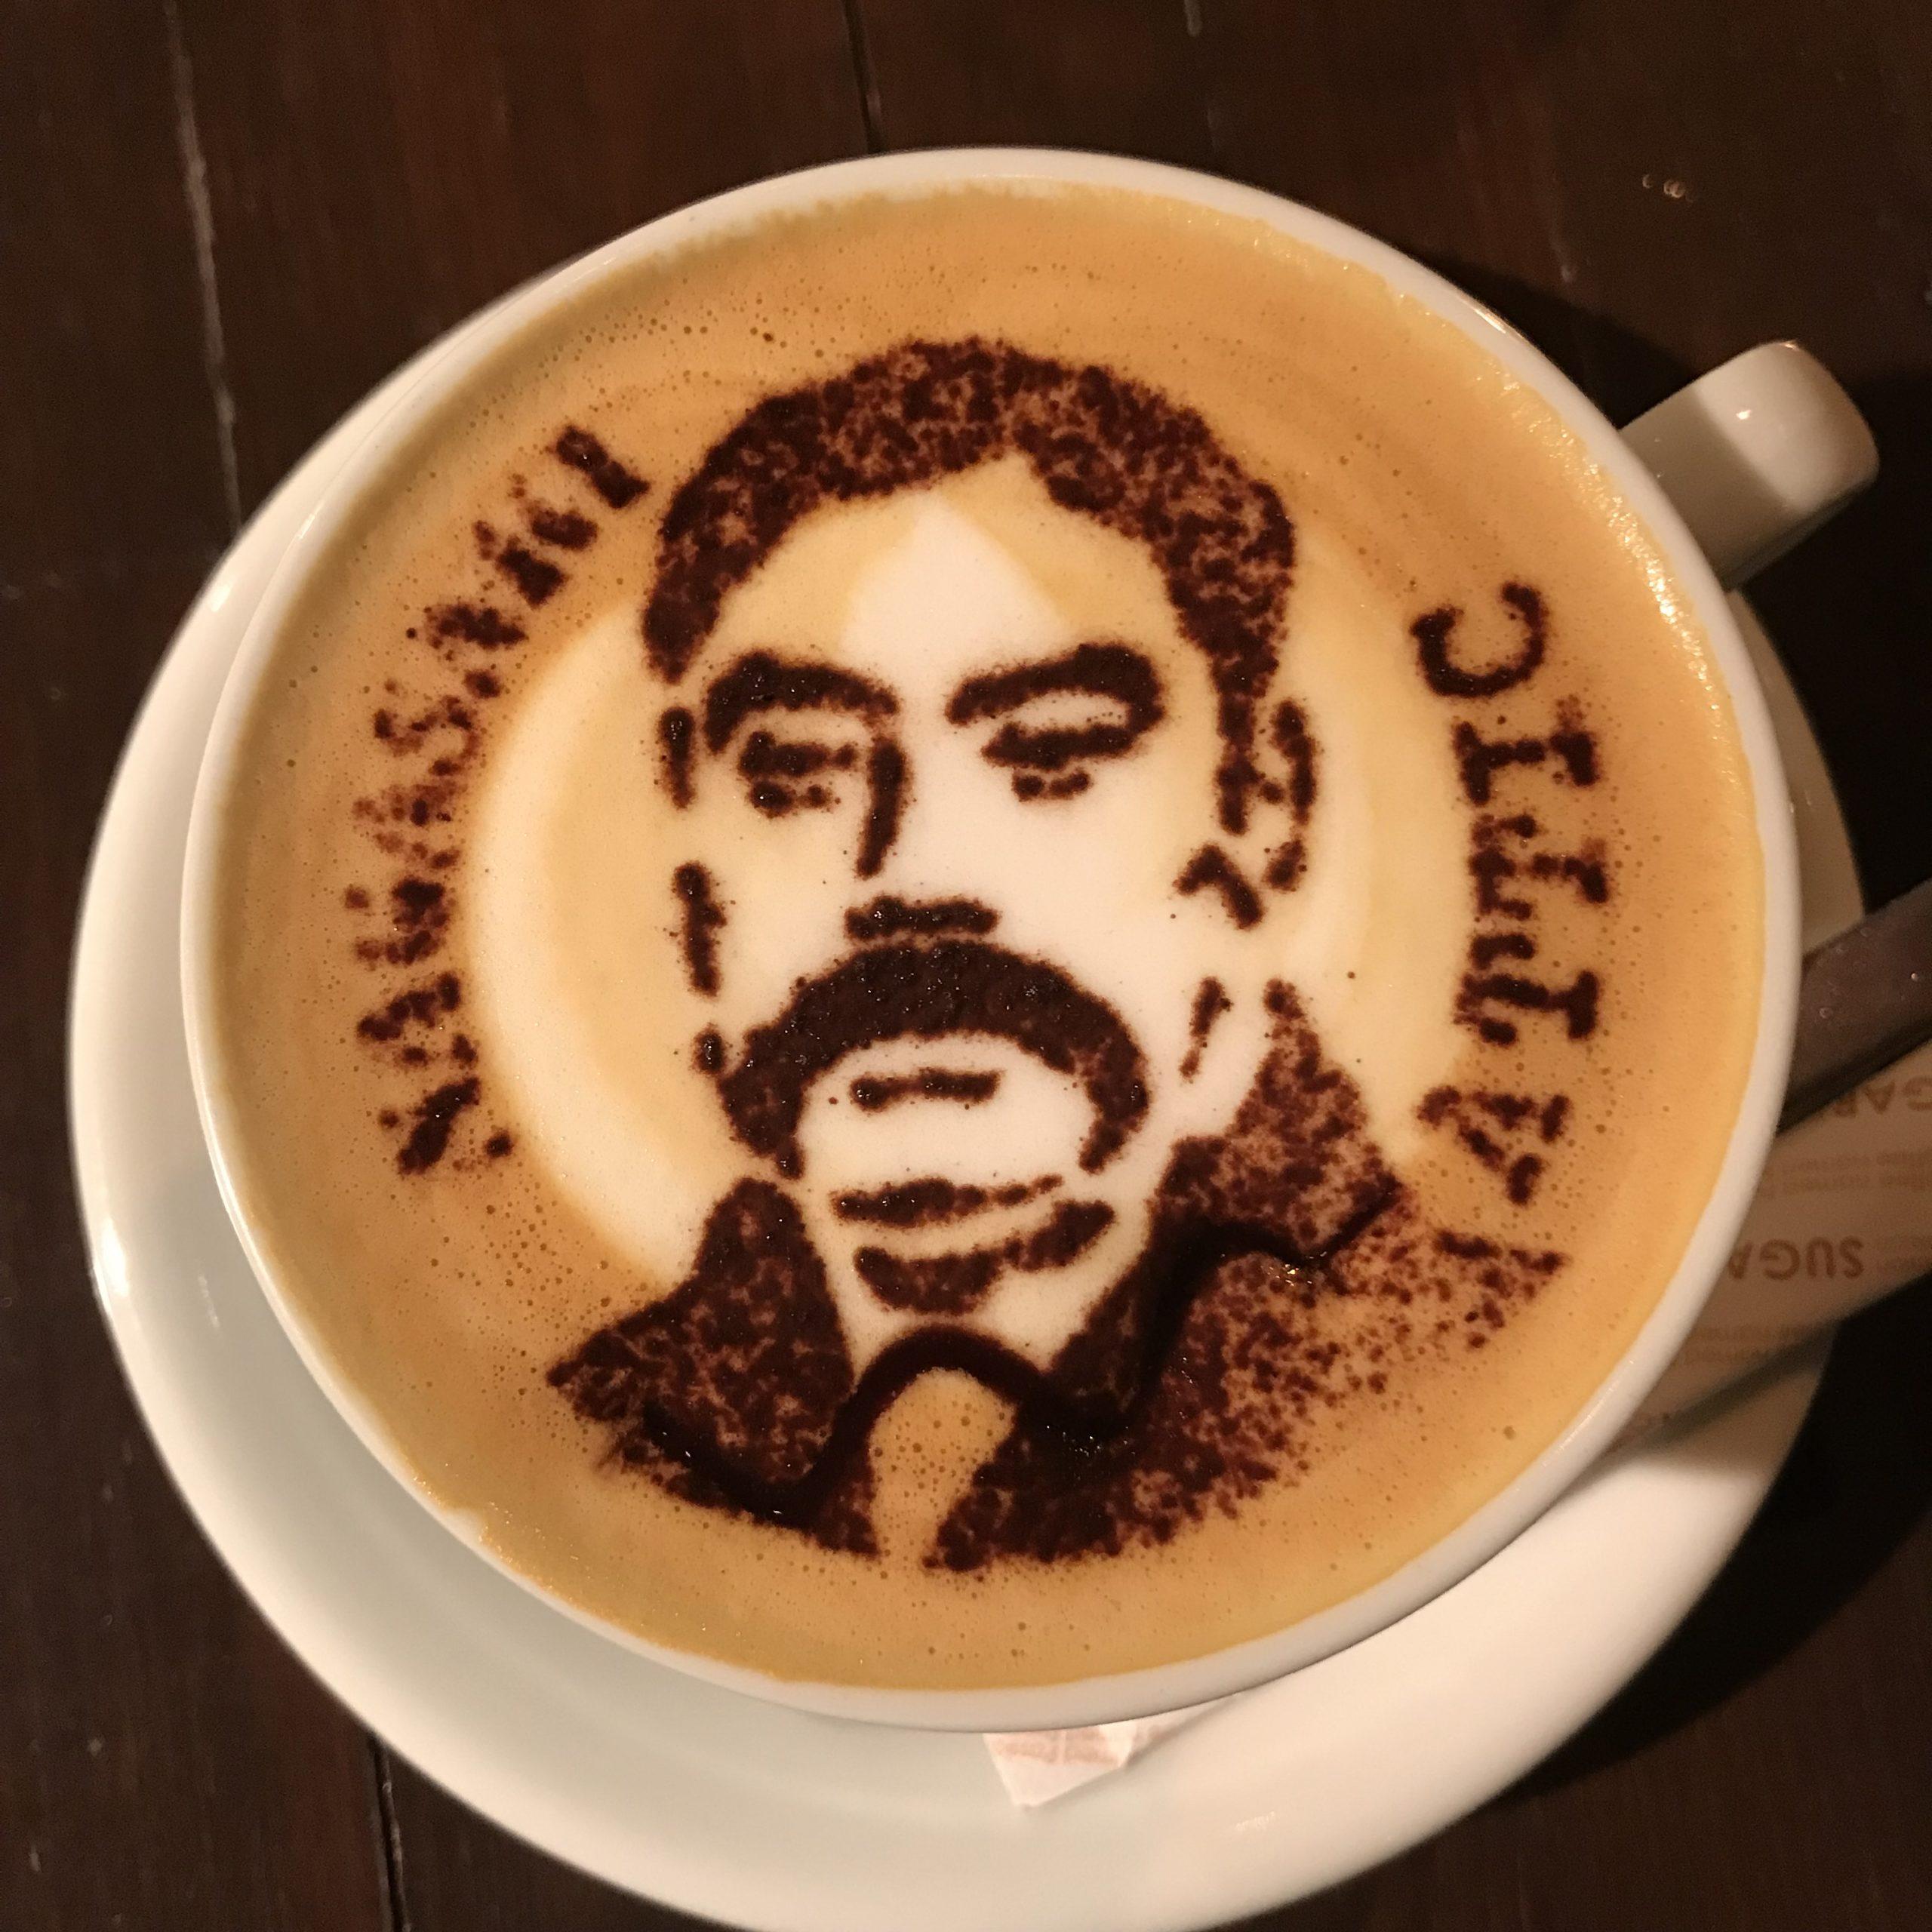 長崎のカフェ長崎出島のカフェ『Attic(アティック)』のラテアート